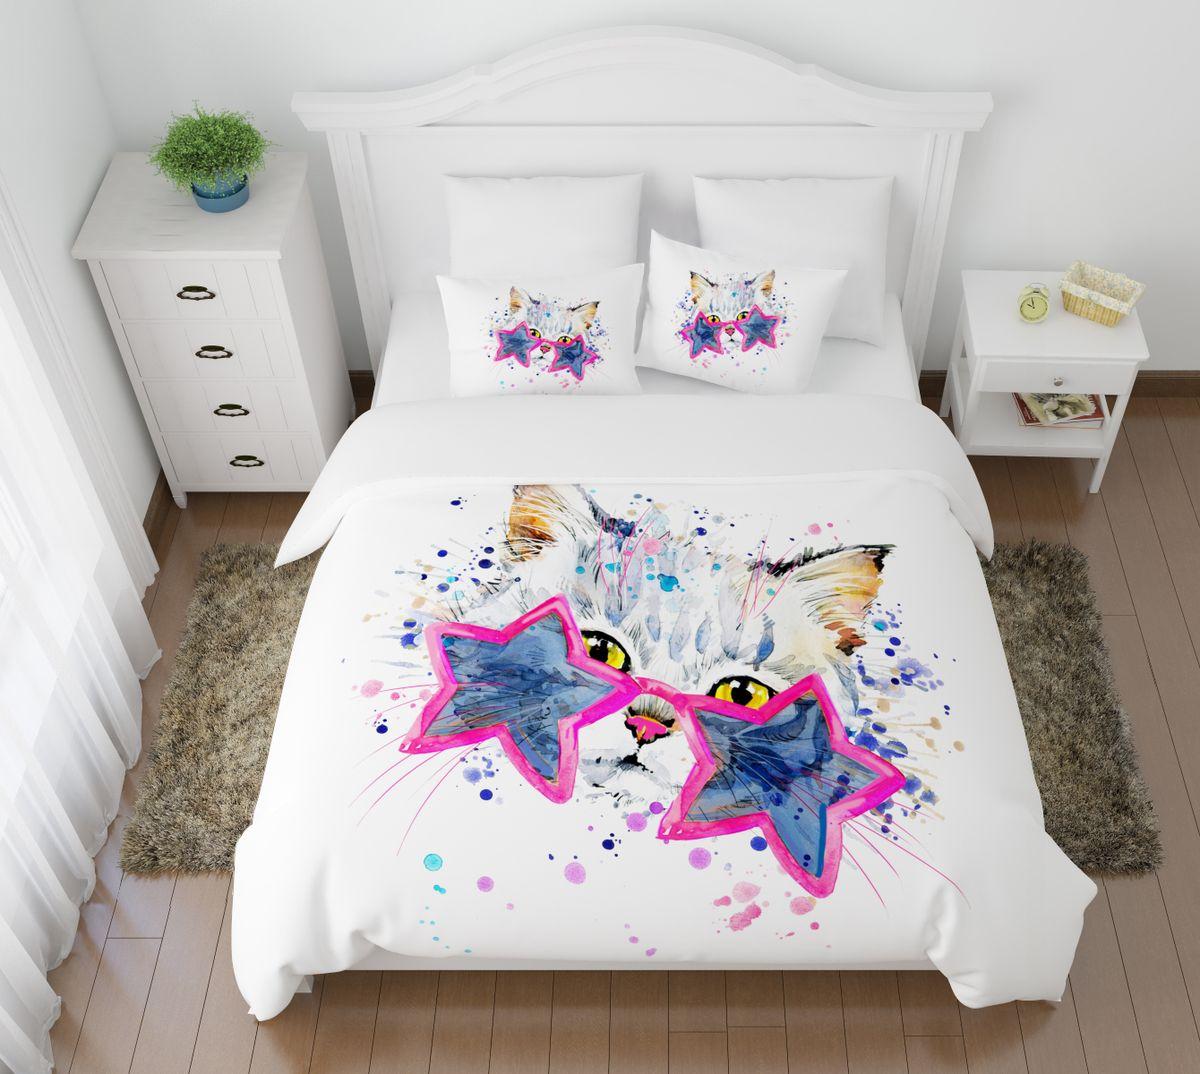 Комплект белья Сирень Звездный кот, 2-спальный, наволочки 50х70VCA-00Комплект постельного белья Сирень 2-х спальный выполнен из прочной и мягкой ткани. Четкий и стильный рисунок в сочетании с насыщенными красками делают комплект постельного белья неповторимой изюминкой любого интерьера. Постельное белье идеально подойдет для подарка. Идеальное соотношение смешенной ткани и гипоаллергенных красок это гарантия здорового, спокойного сна. Ткань хорошо впитывает влагу, надолго сохраняет яркость красок. Цвет простыни, пододеяльника, наволочки в комплектации может немного отличаться от представленного на фото.В комплект входят: простыня - 200х220см; пододельяник 175х210 см; наволочка - 50х70х2шт. Постельное белье легко стирать при 30-40 градусах, гладить при 150 градусах, не отбеливать.Рекомендуется перед первым изпользованием постирать.